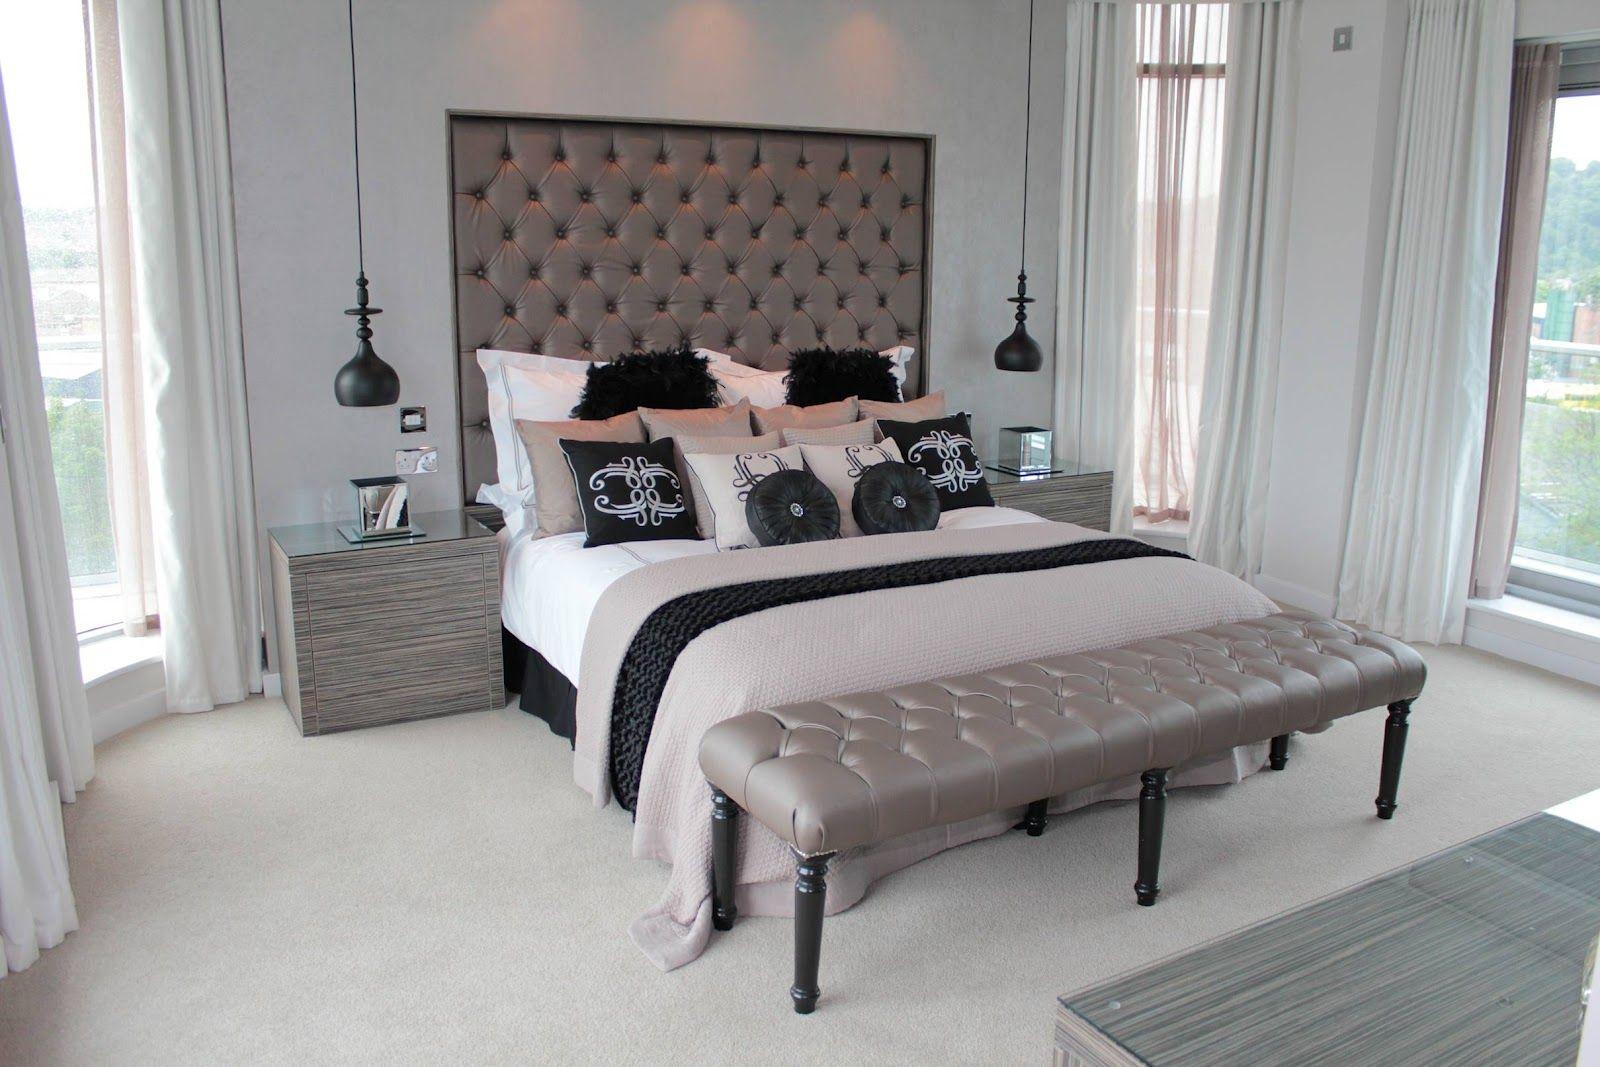 Luxury Master Bedrooms Celebrity Bedroom Pictures 25 fantastic master bedroom collections | master bedrooms